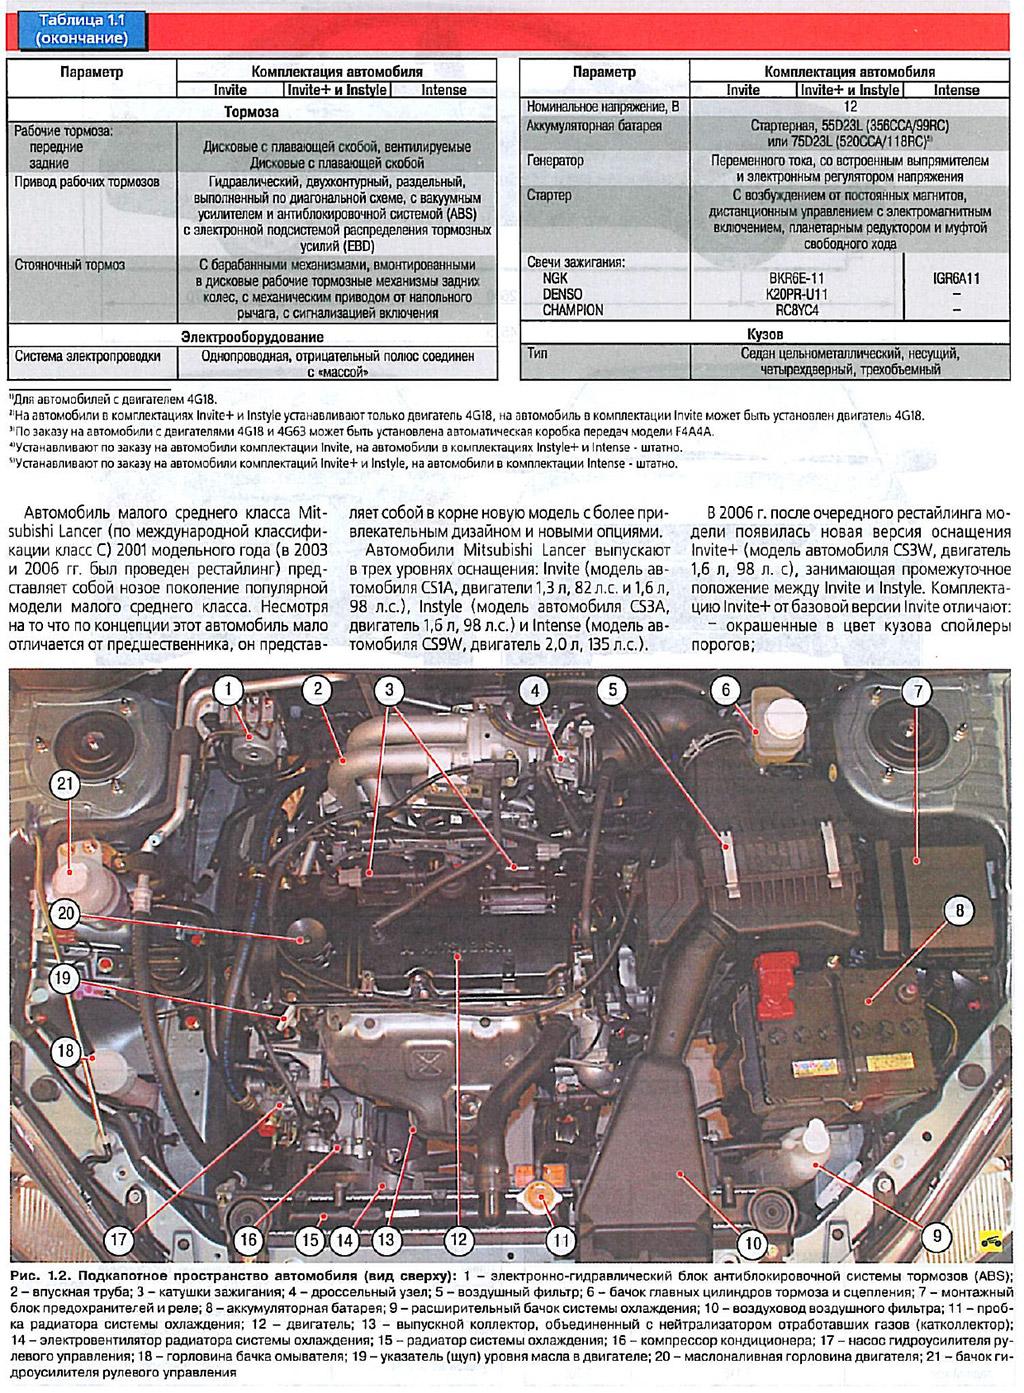 Замена кабеля аккумуляторной батареи лансер 9 универсал Установка дневных ходовых огней форд мондео 3